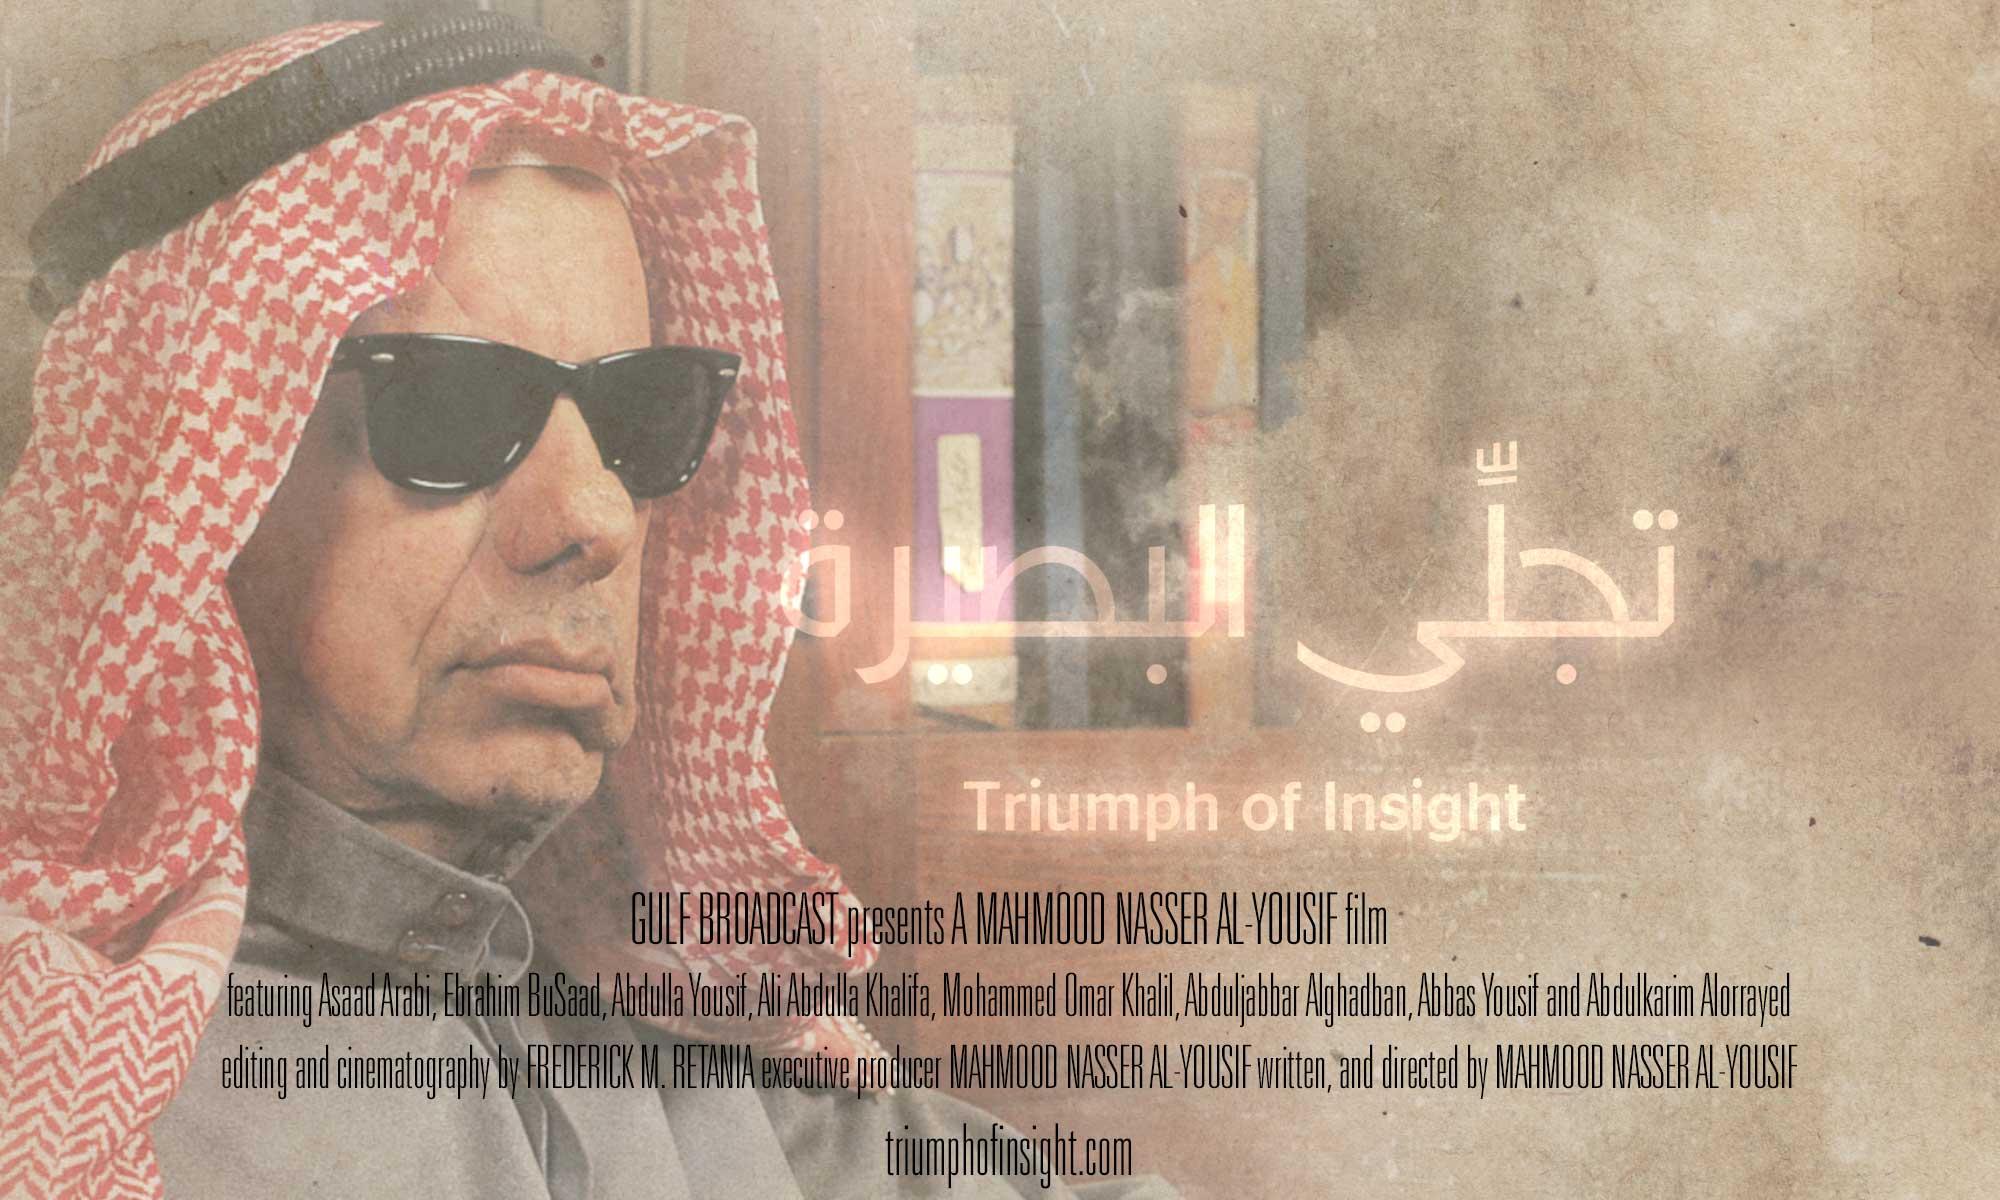 Triumph of Insight